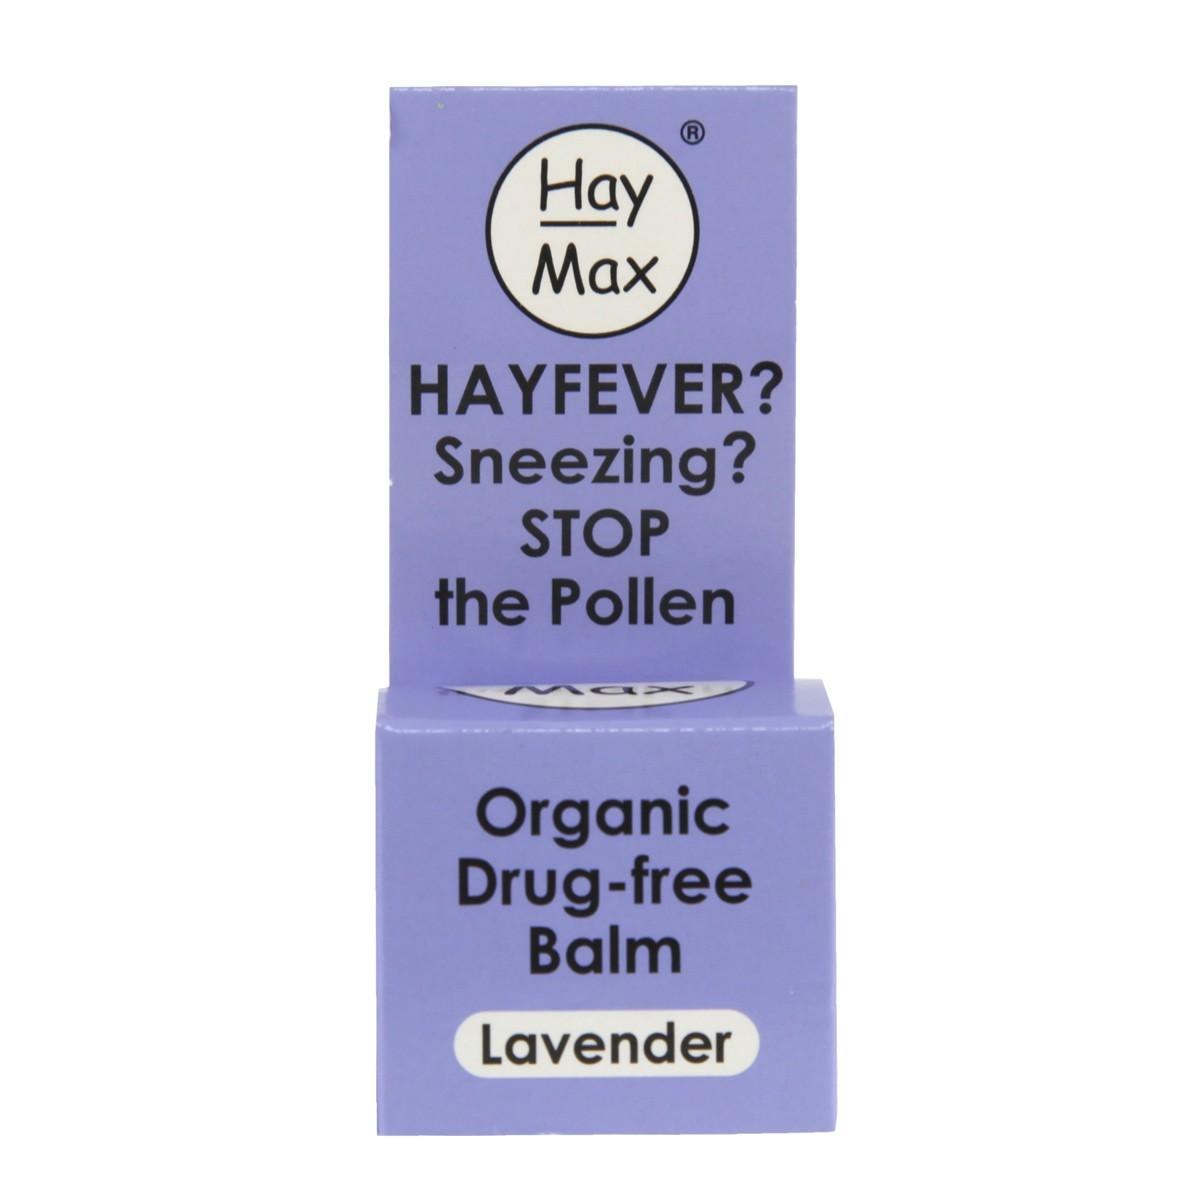 HayMax Organic Drug-free Balm - Lavender